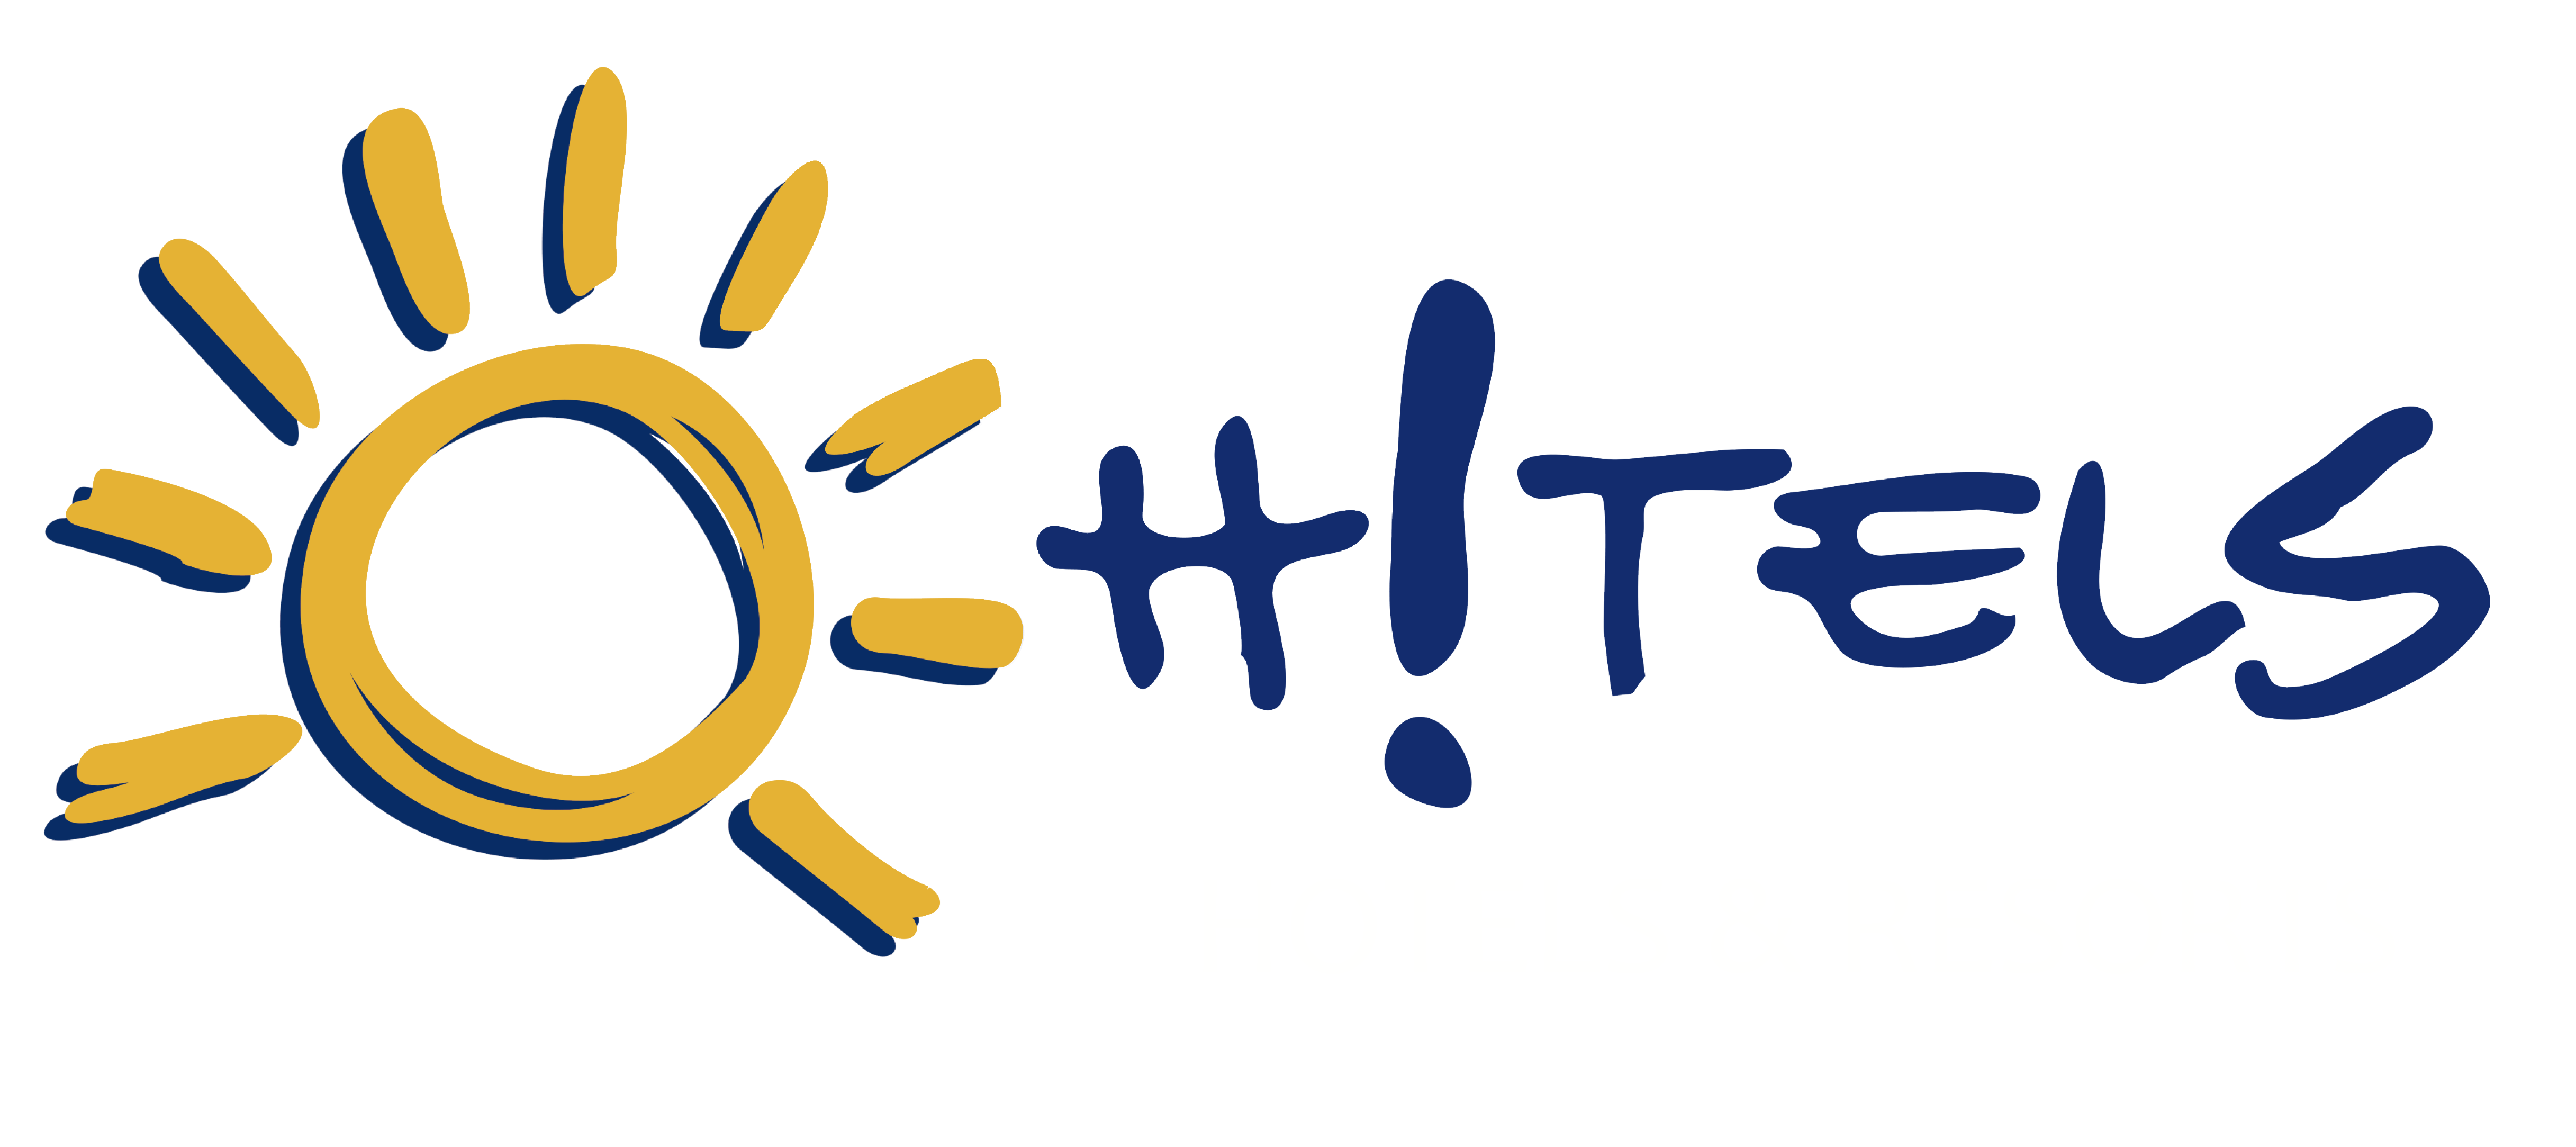 Ohtels, Hotels&Resorts